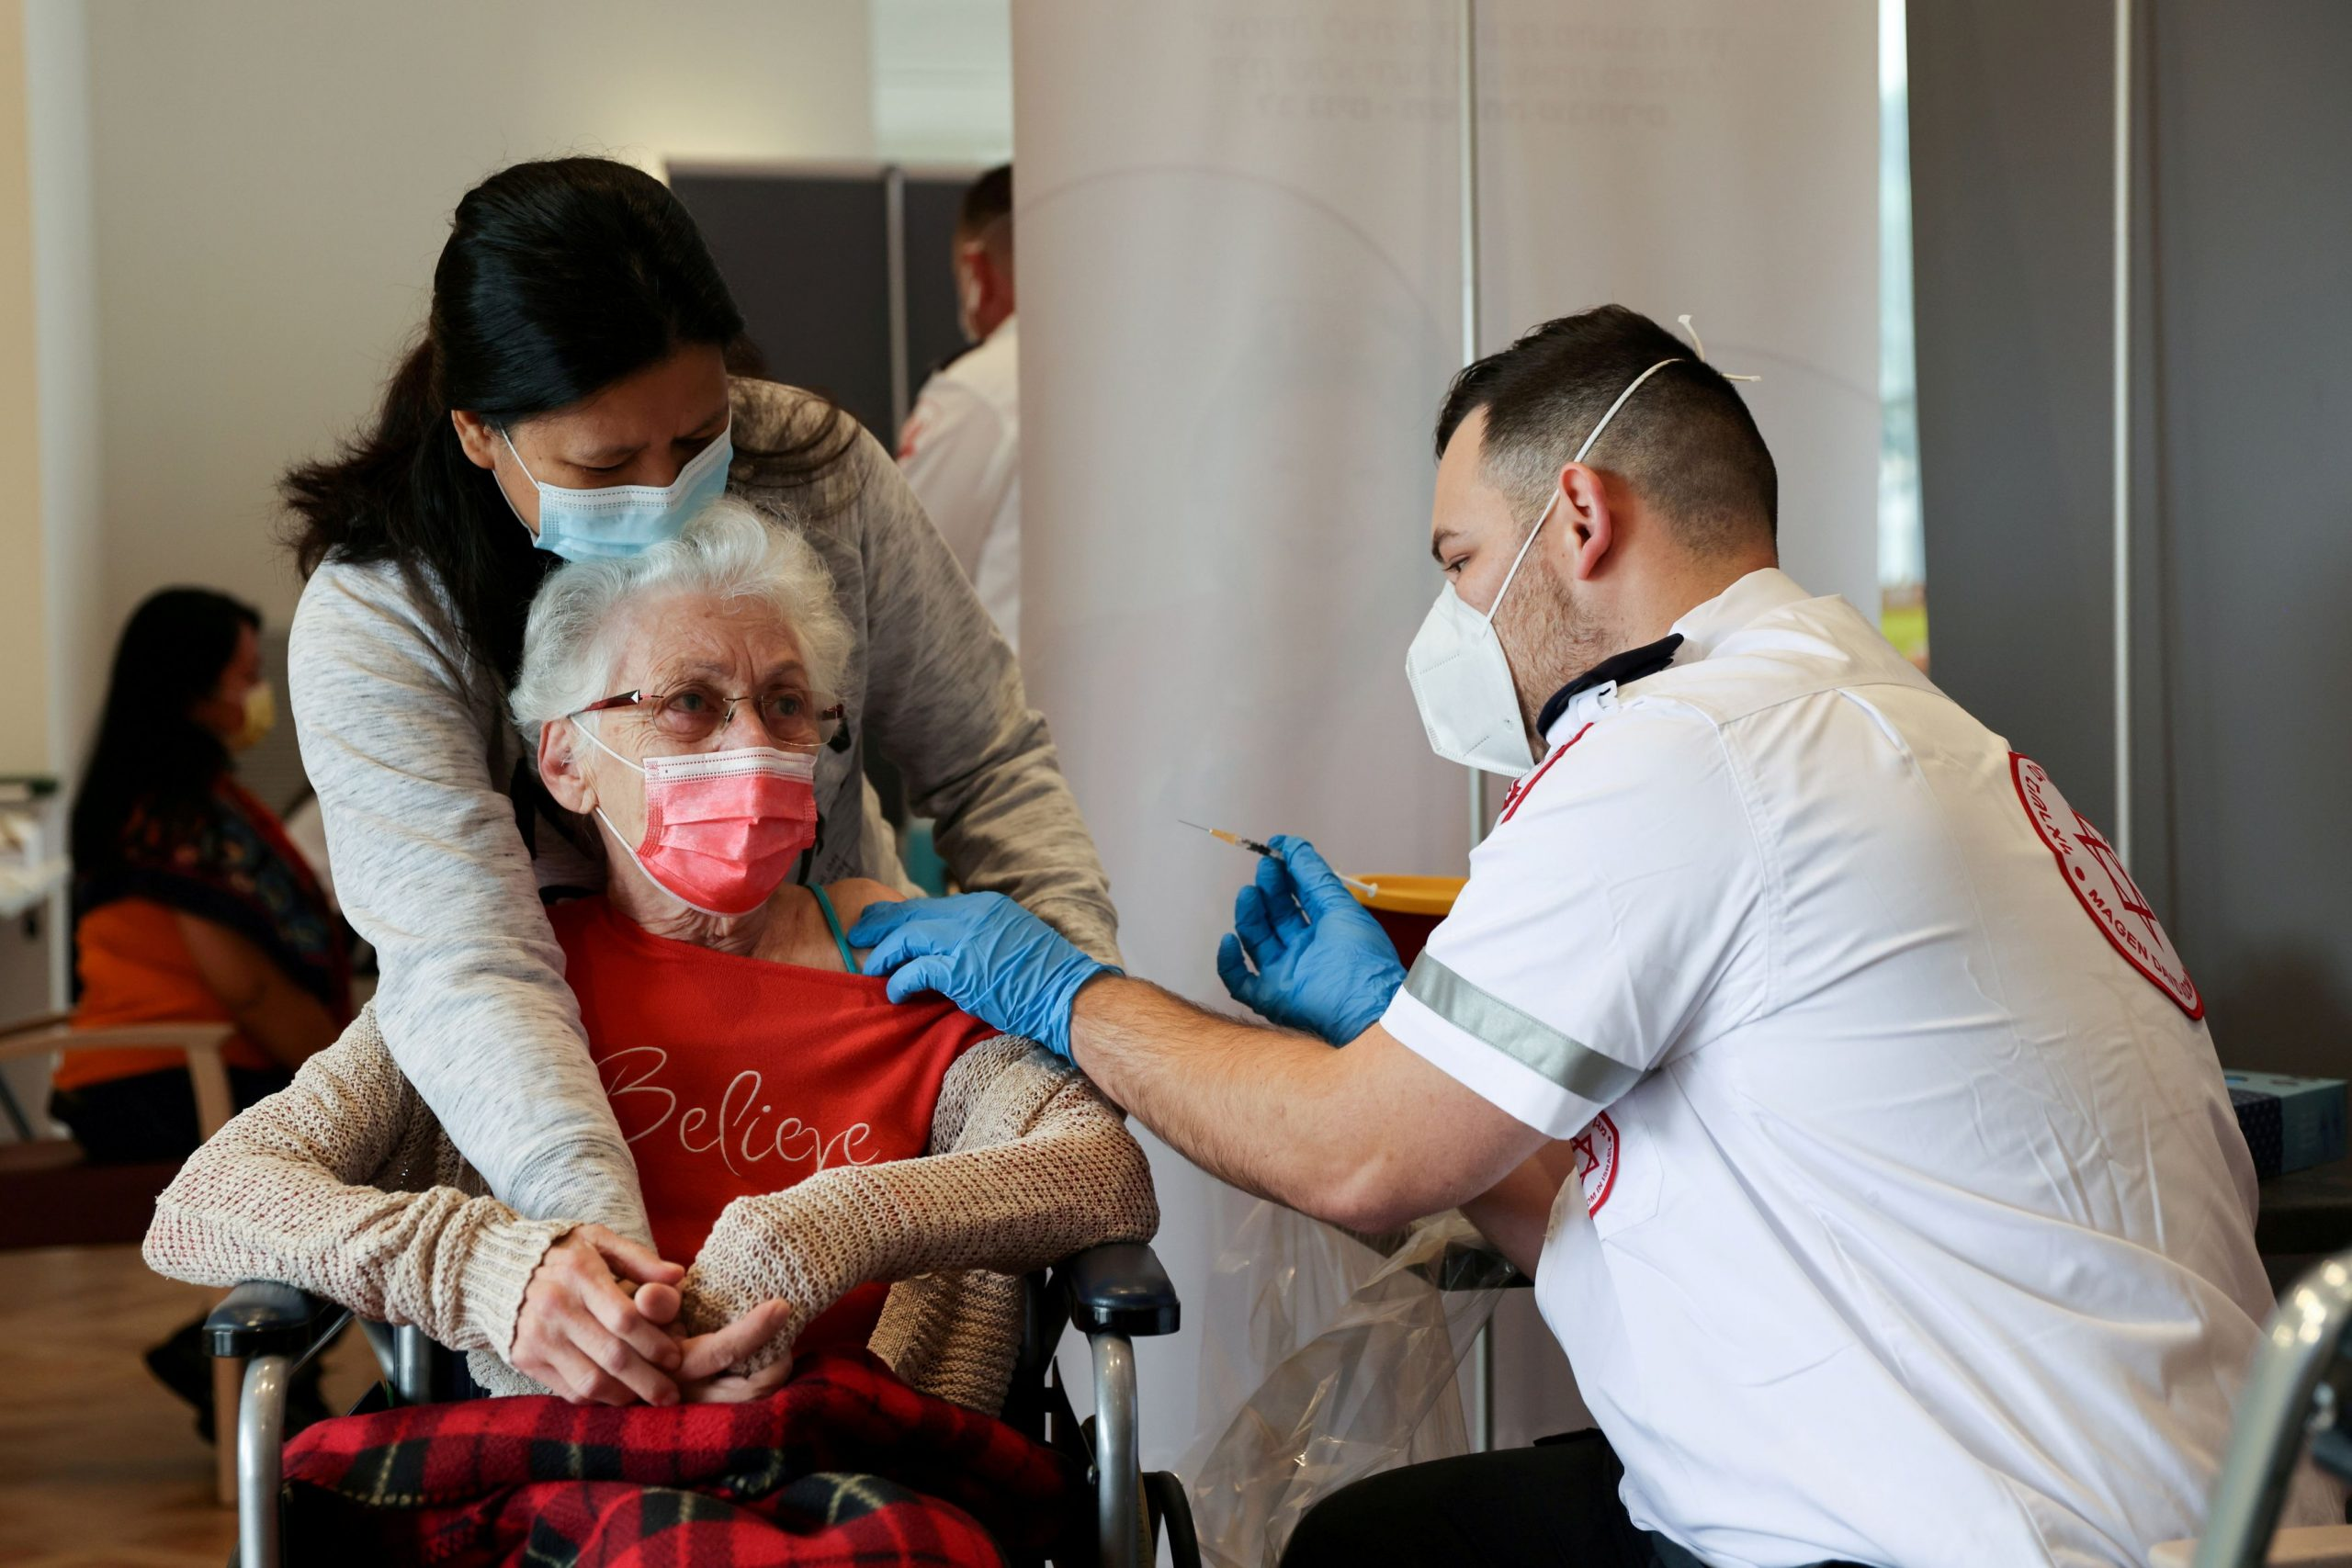 Κοροναϊός: Το Ισραήλ ξεκινά τρίτη δόση εμβολιασμού για πολίτες άνω των 60 ετών